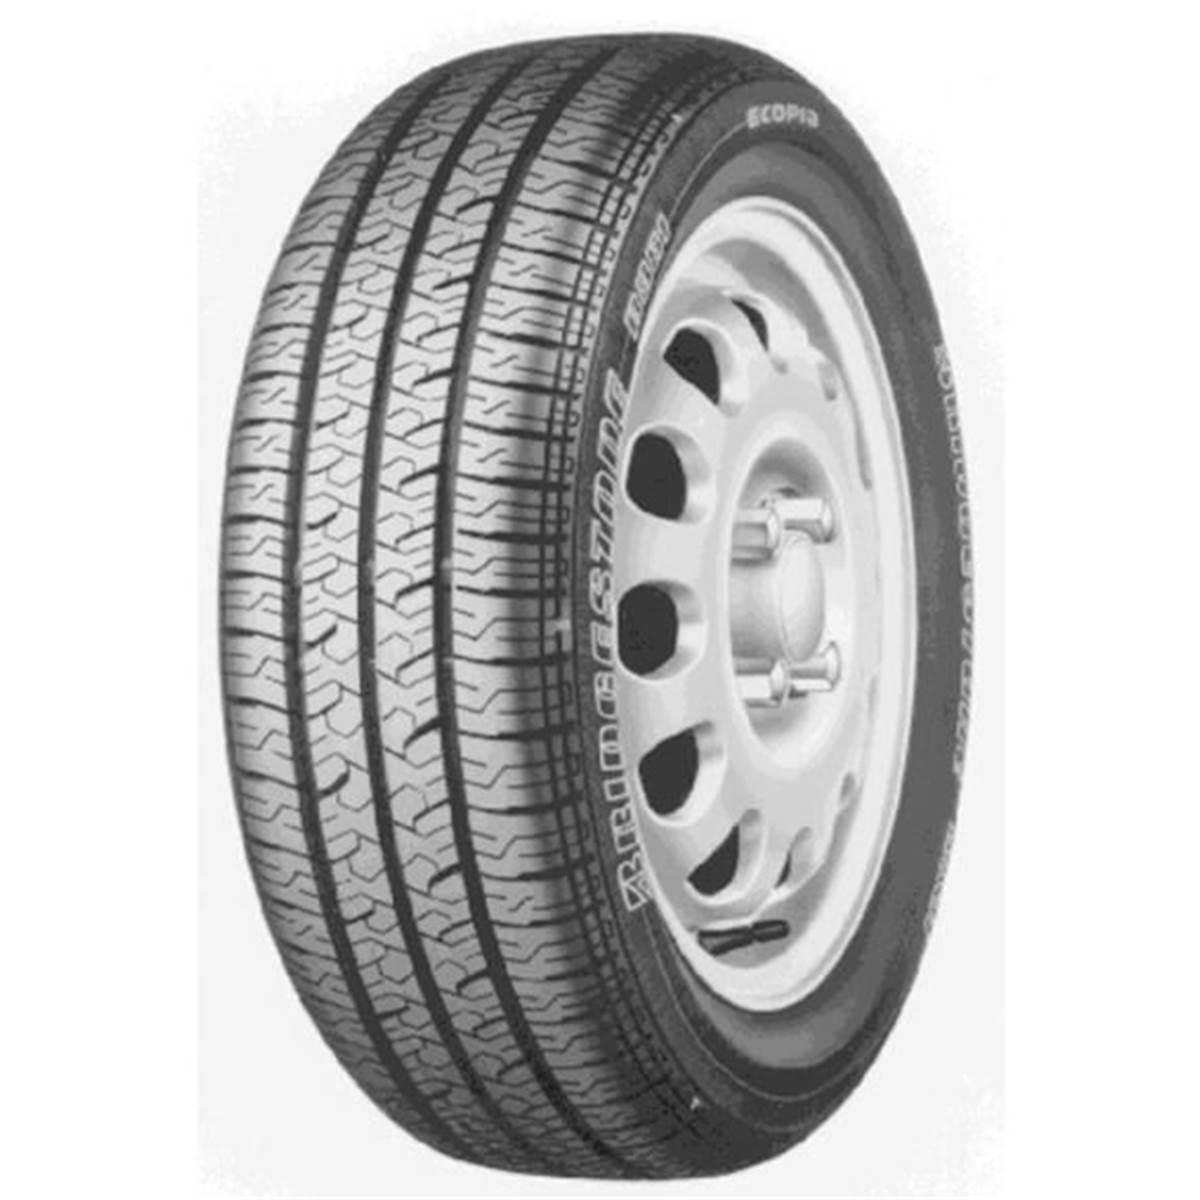 Pneu Bridgestone 145/80R14 76T B381